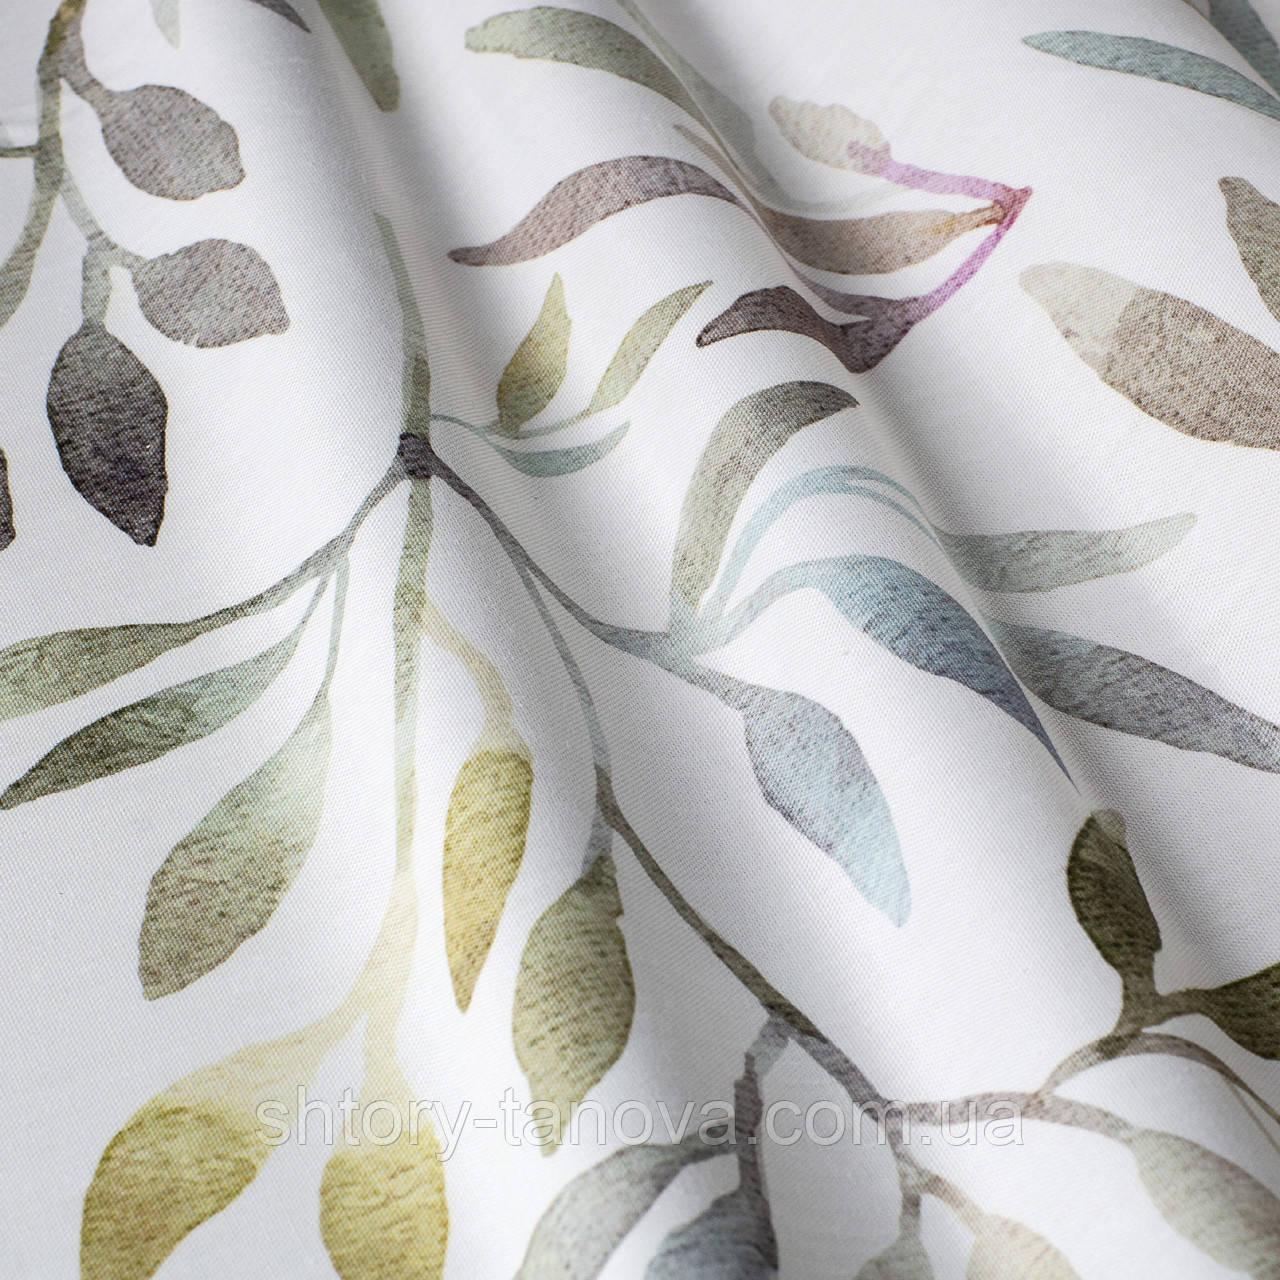 Декоративная ткань с листьями растений голубого и зеленого цвета для чехлов на диванные подушки